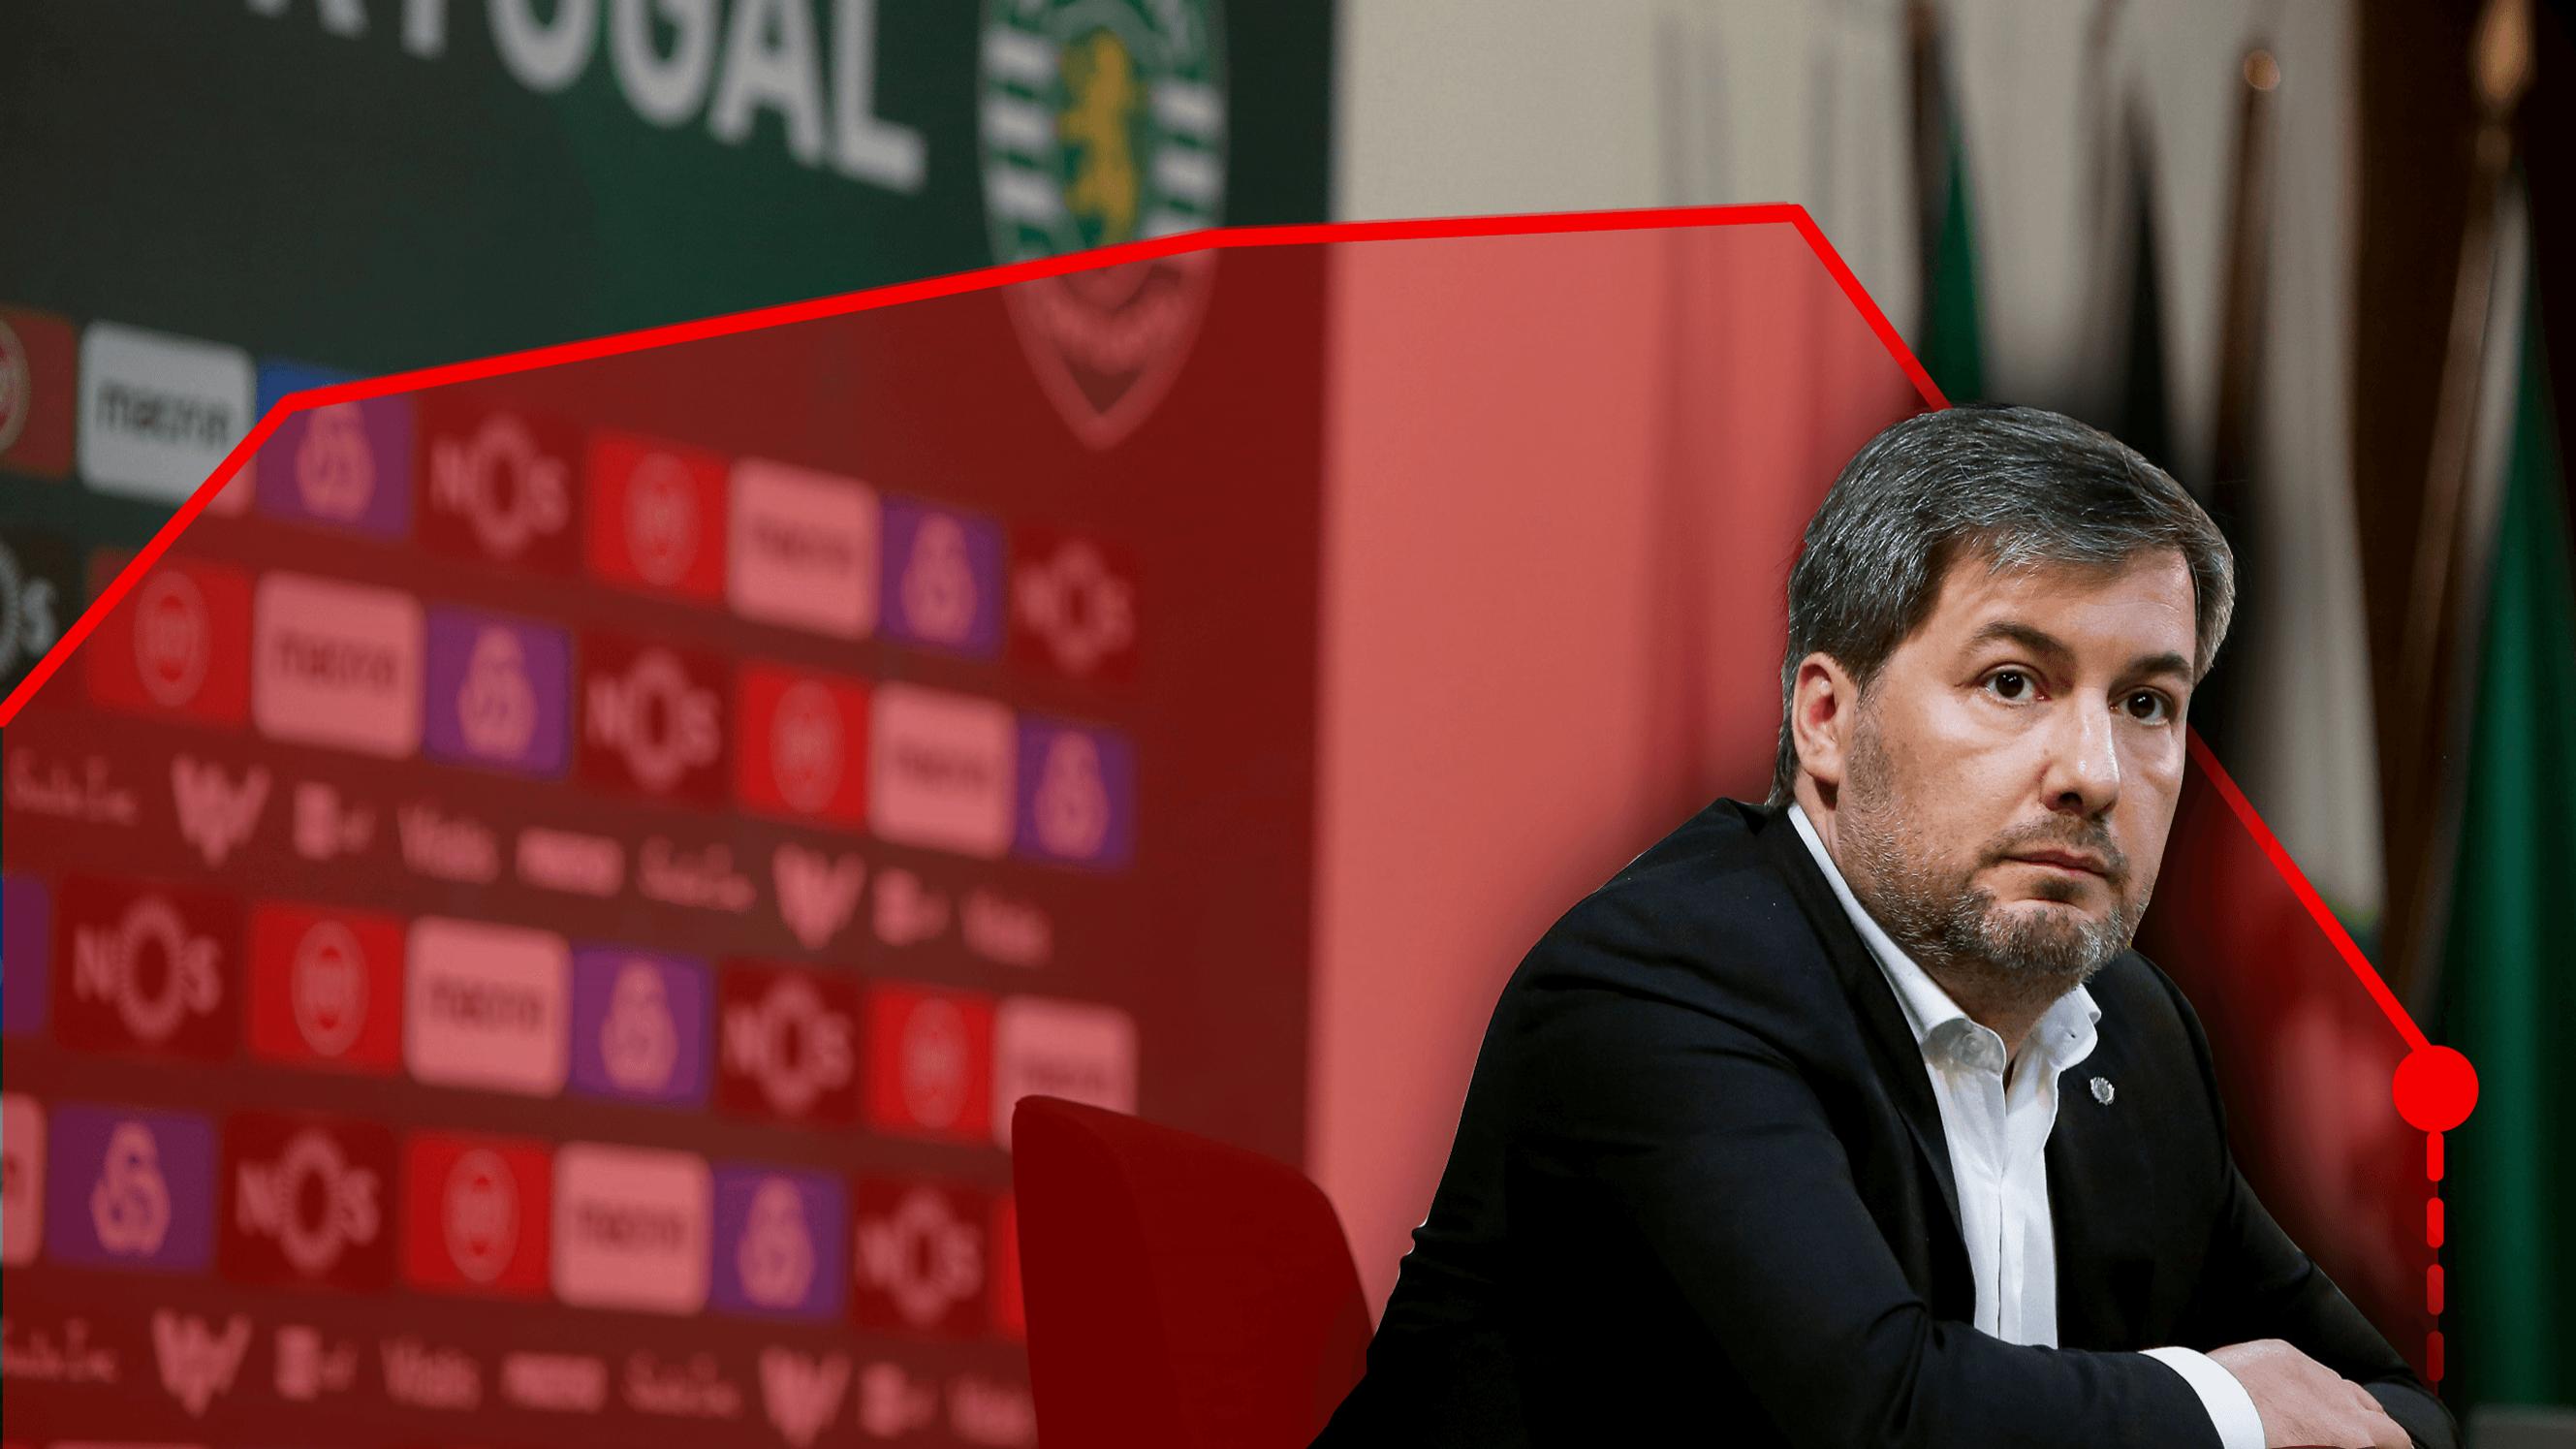 Ações do Sporting afundam 16% após alerta do auditor